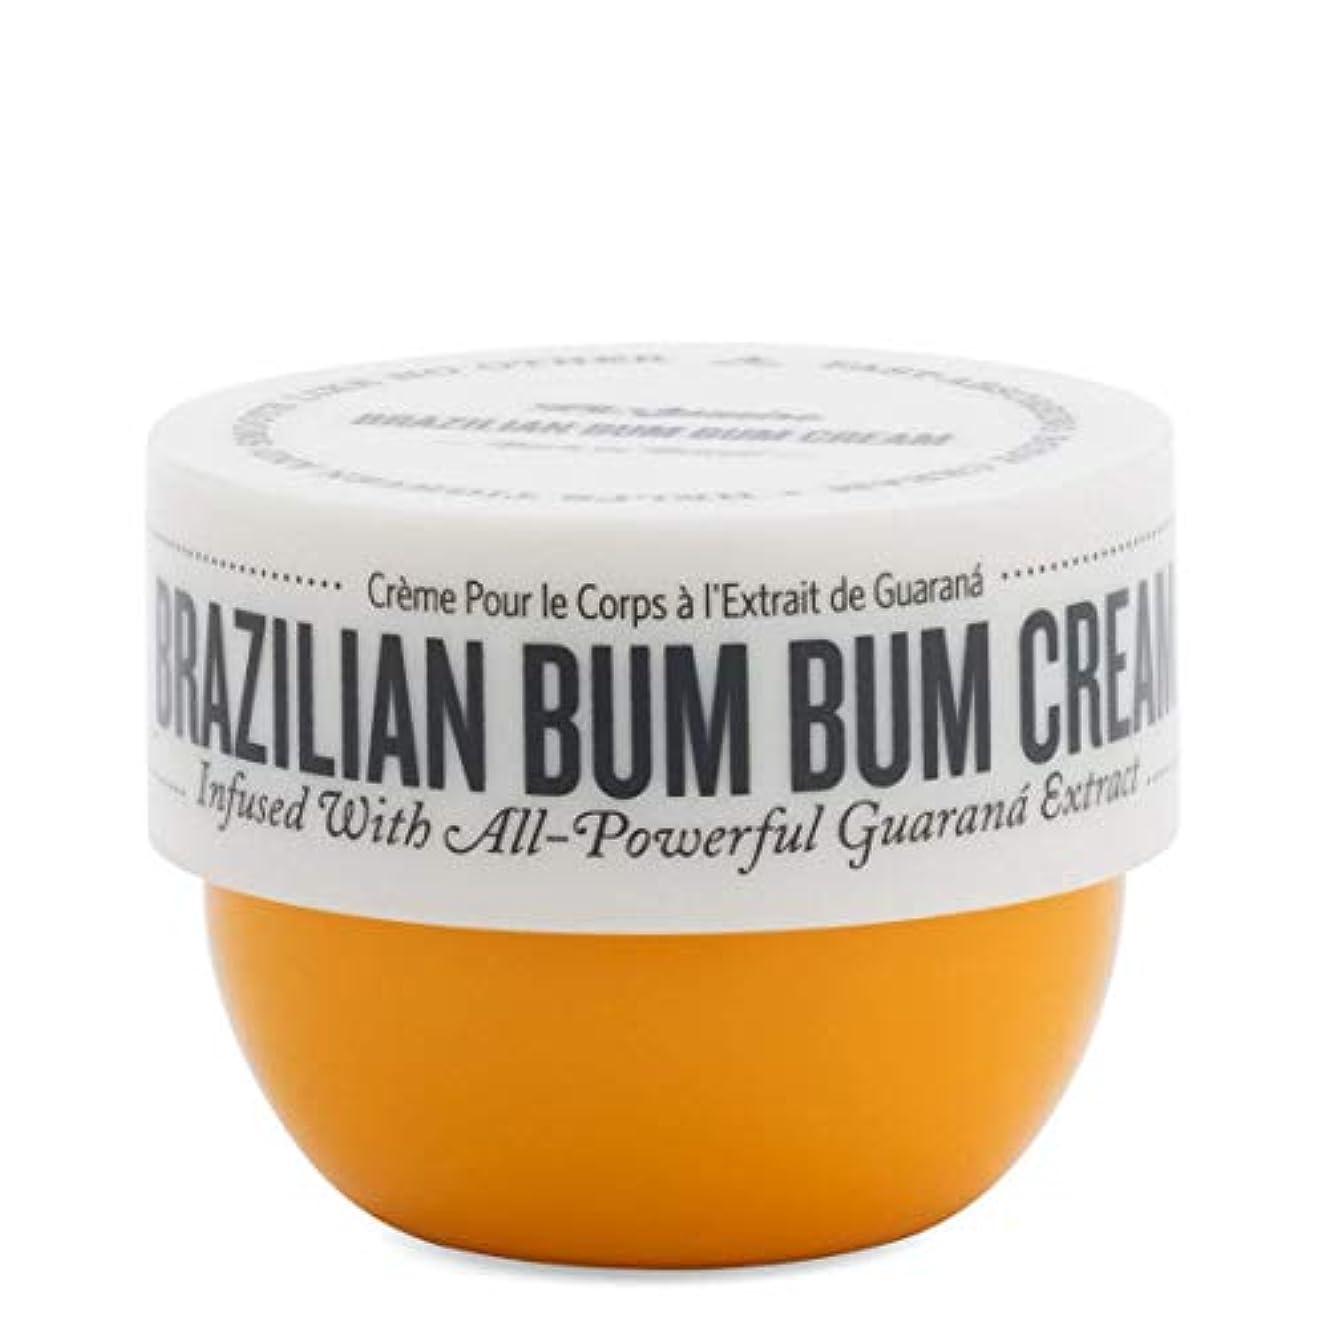 ブルゴーニュ対称母性《 ブラジリアン ブンブンクリーム 》Brazilian BUM BUM Cream (240ml)